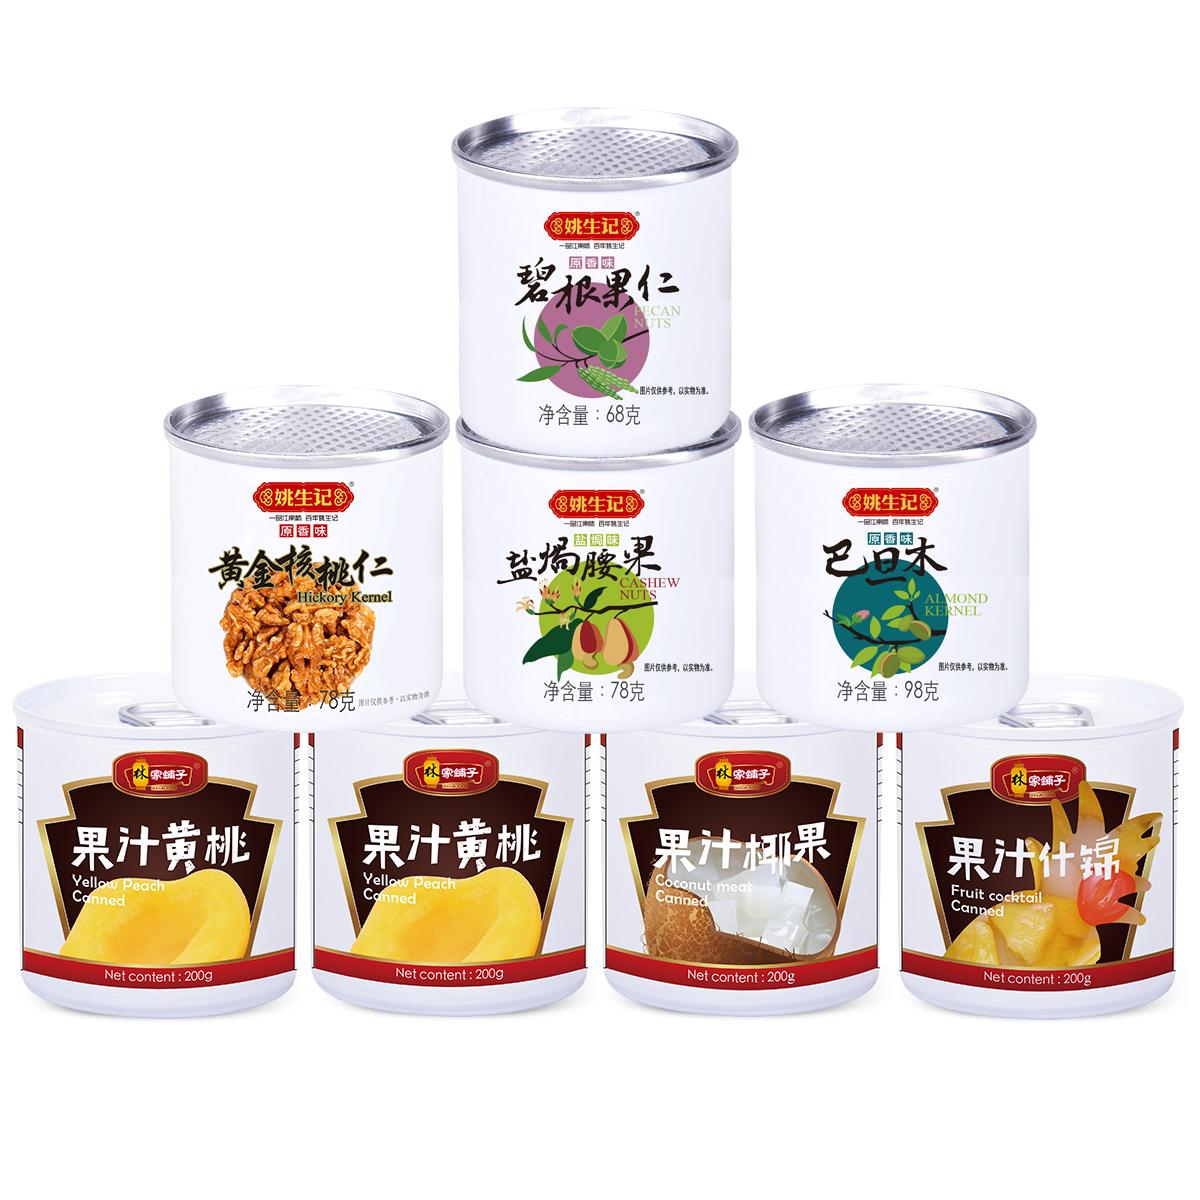 【白罐上品】果然发财节日大礼包9罐即食礼盒送礼(送4罐黄桃)